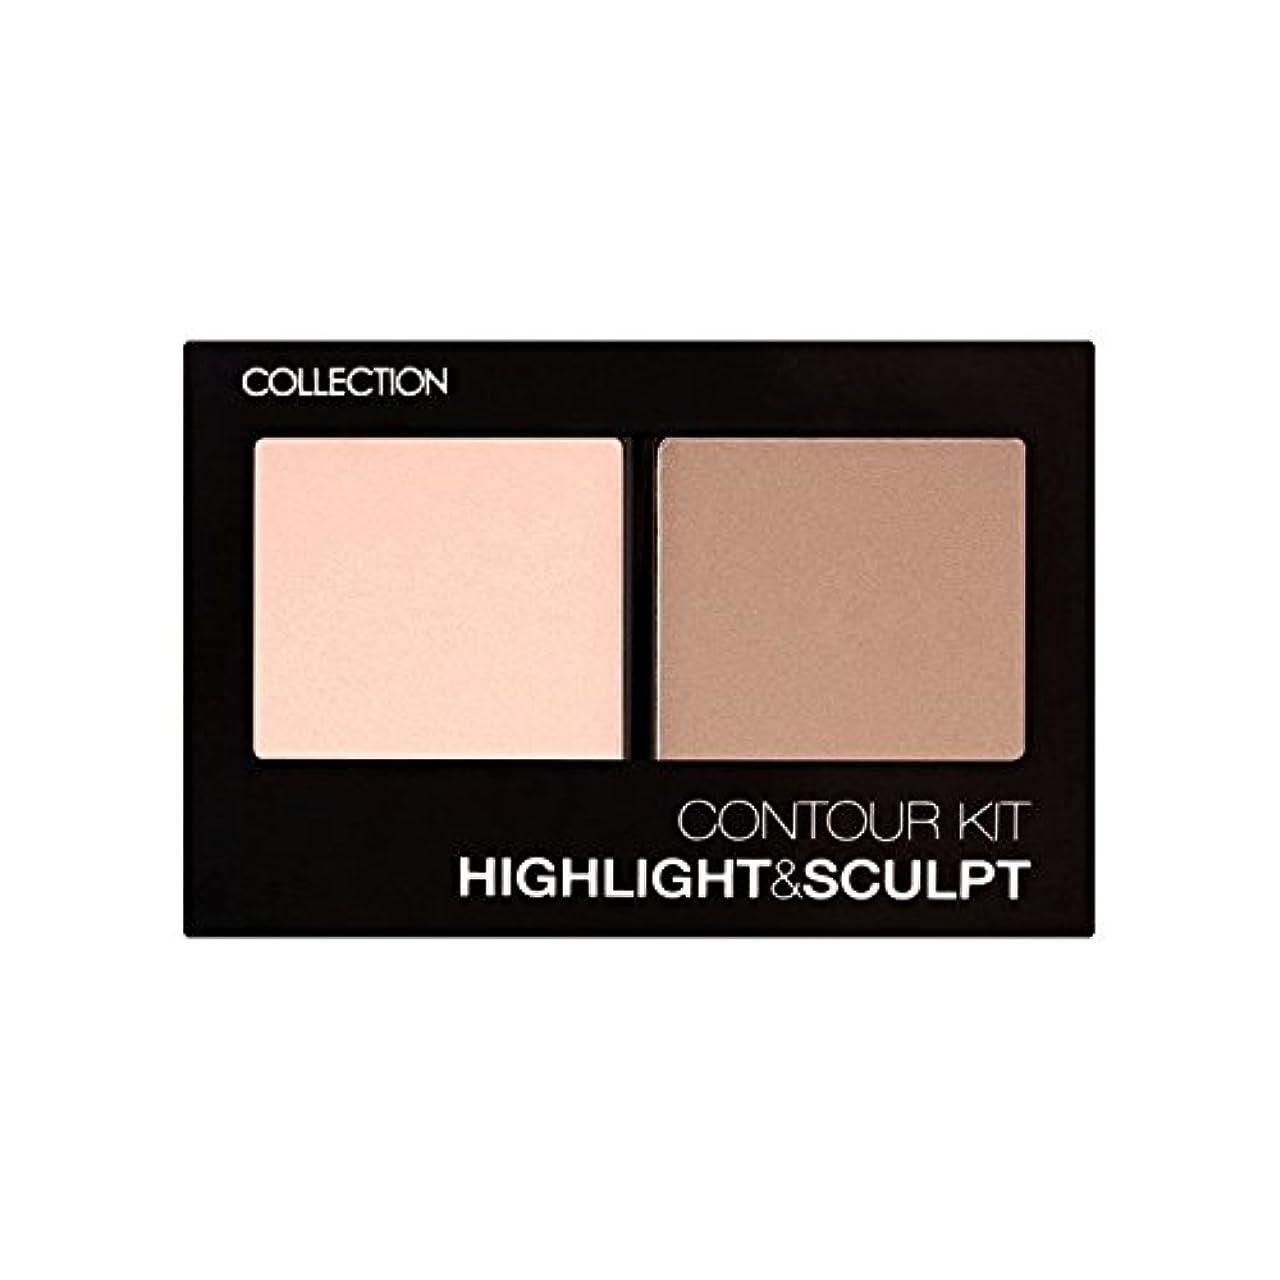 ビュッフェ選択するCollection Contour Kit Contour Kit 1 (Pack of 6) - コレクション、輪郭キット輪郭キット1 x6 [並行輸入品]